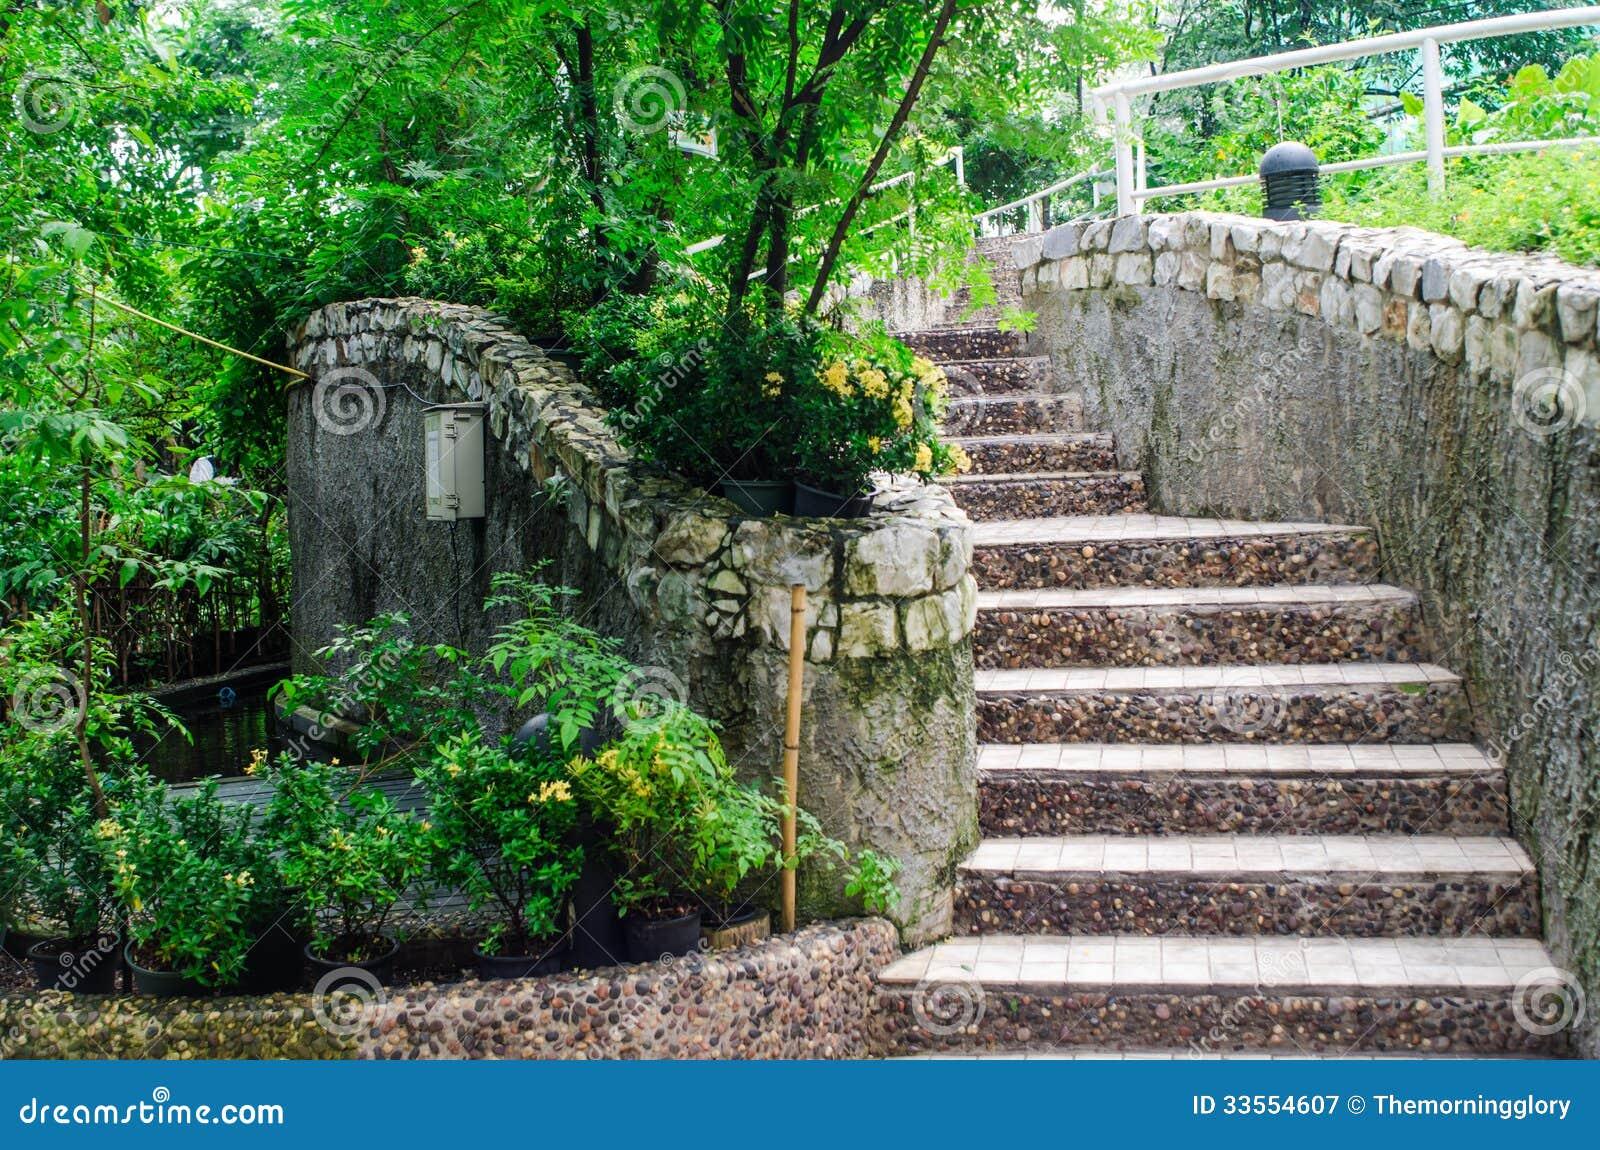 Am nagement dans le jardin l 39 escalier dans le jardin for Amenagement jardin en escalier